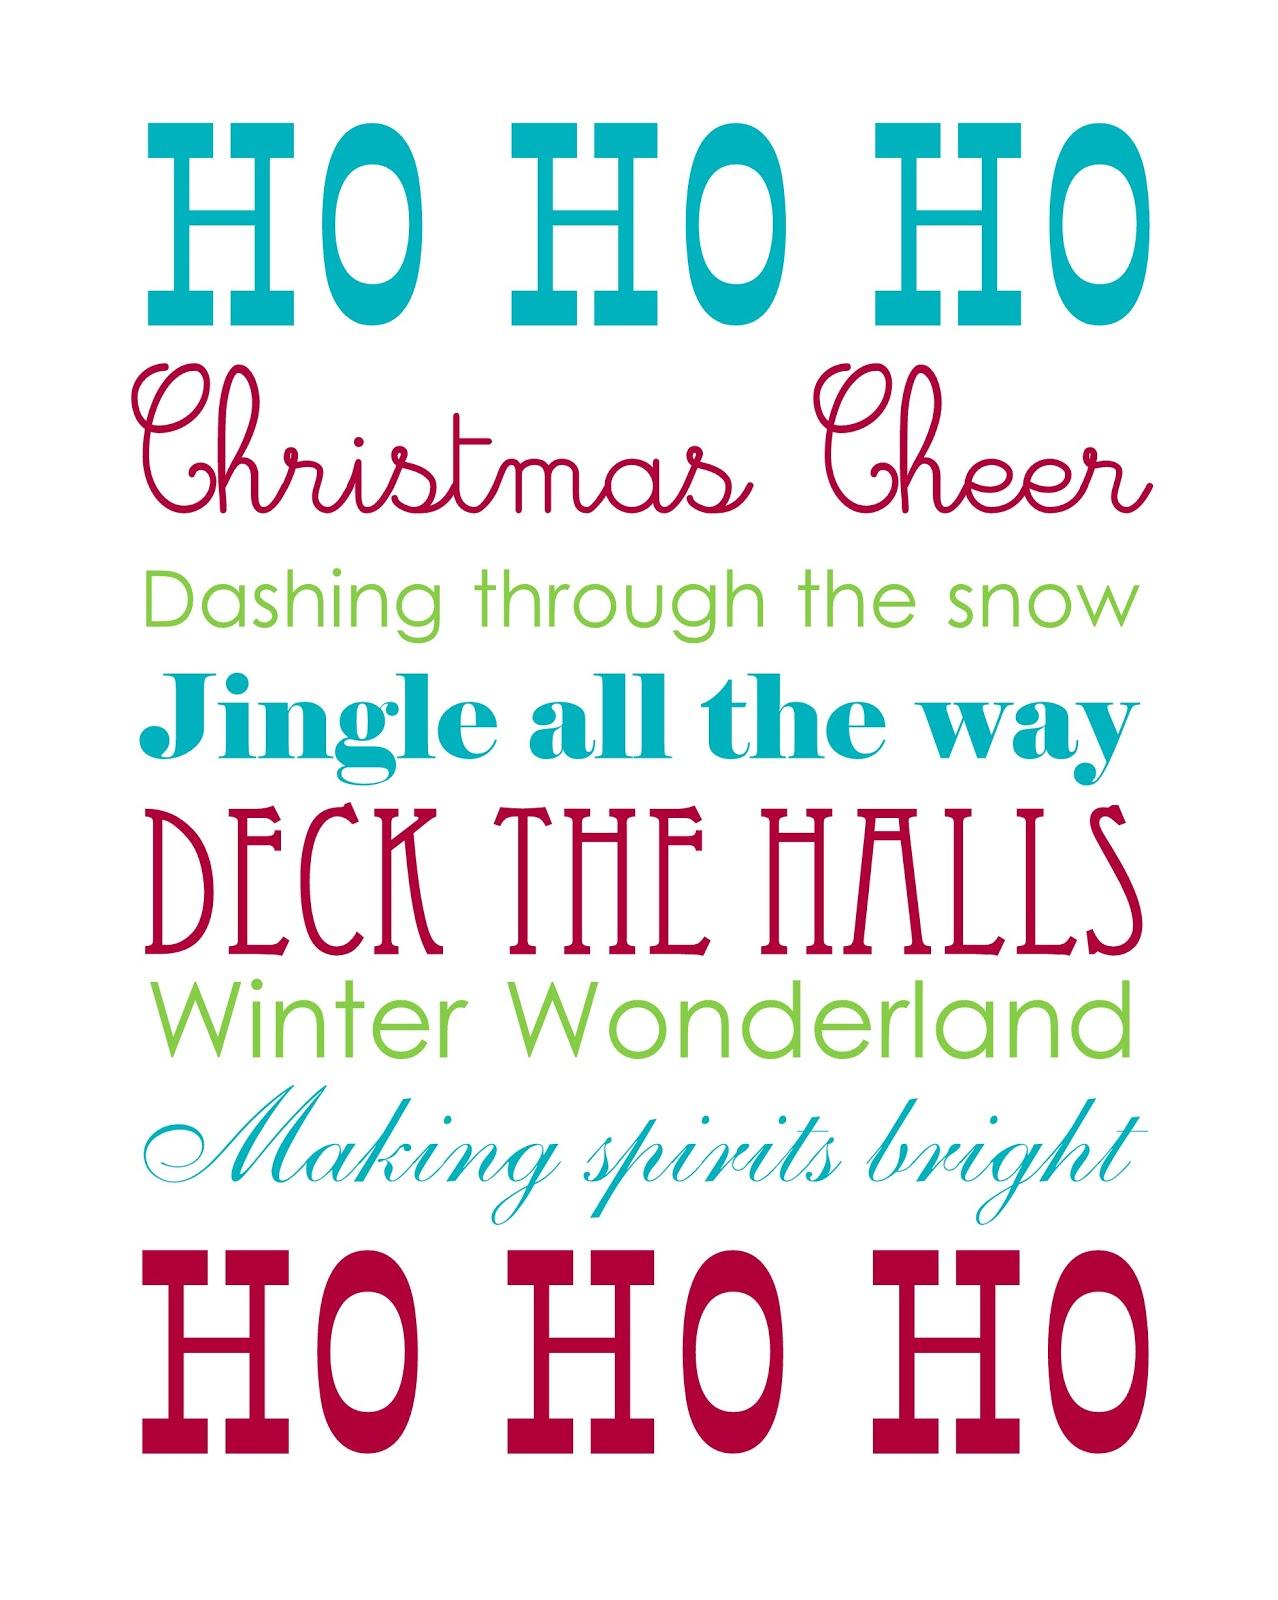 Ho ho holiday printouts to color - Ho Ho Ho Printable Creationz Studio